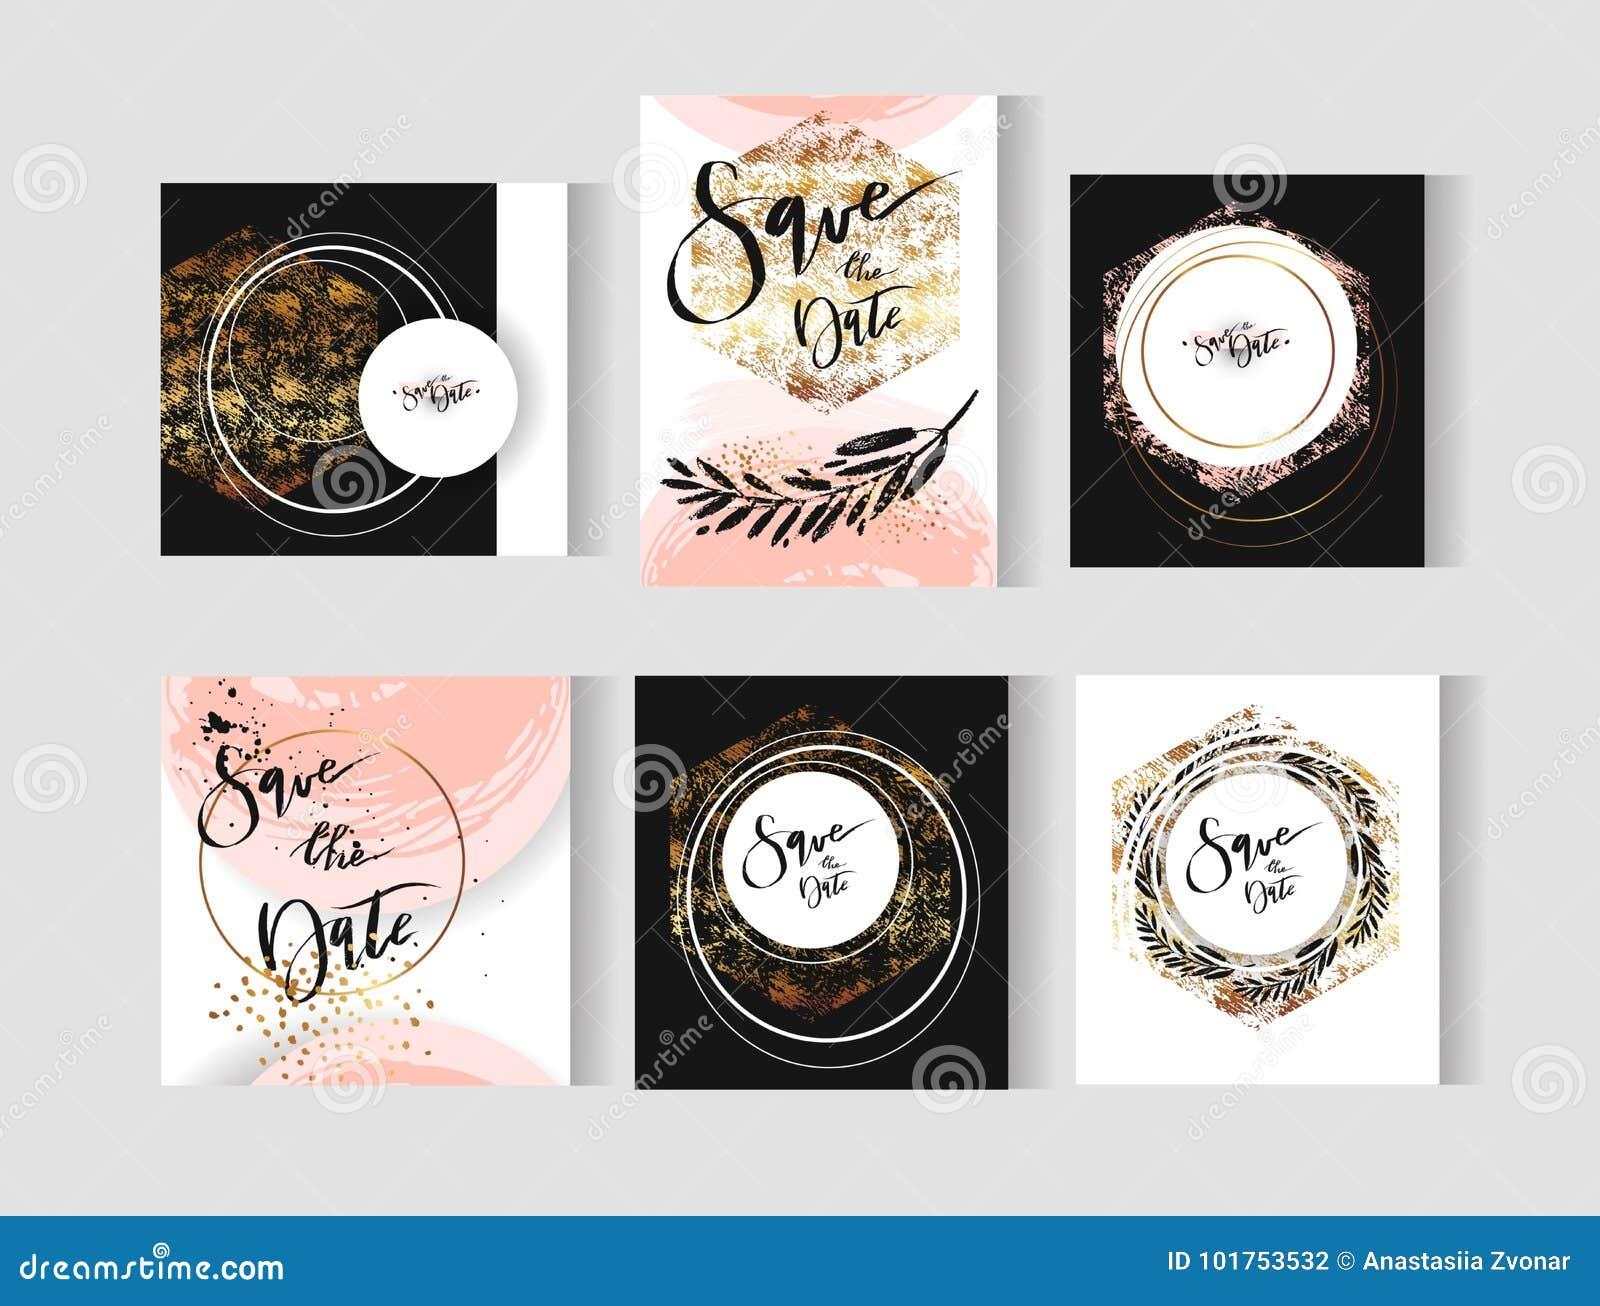 Grupo de cartões perfeitos dos moldes do vetor do sumário do casamento com cores douradas, pasteis, preto e branco Ideal para as